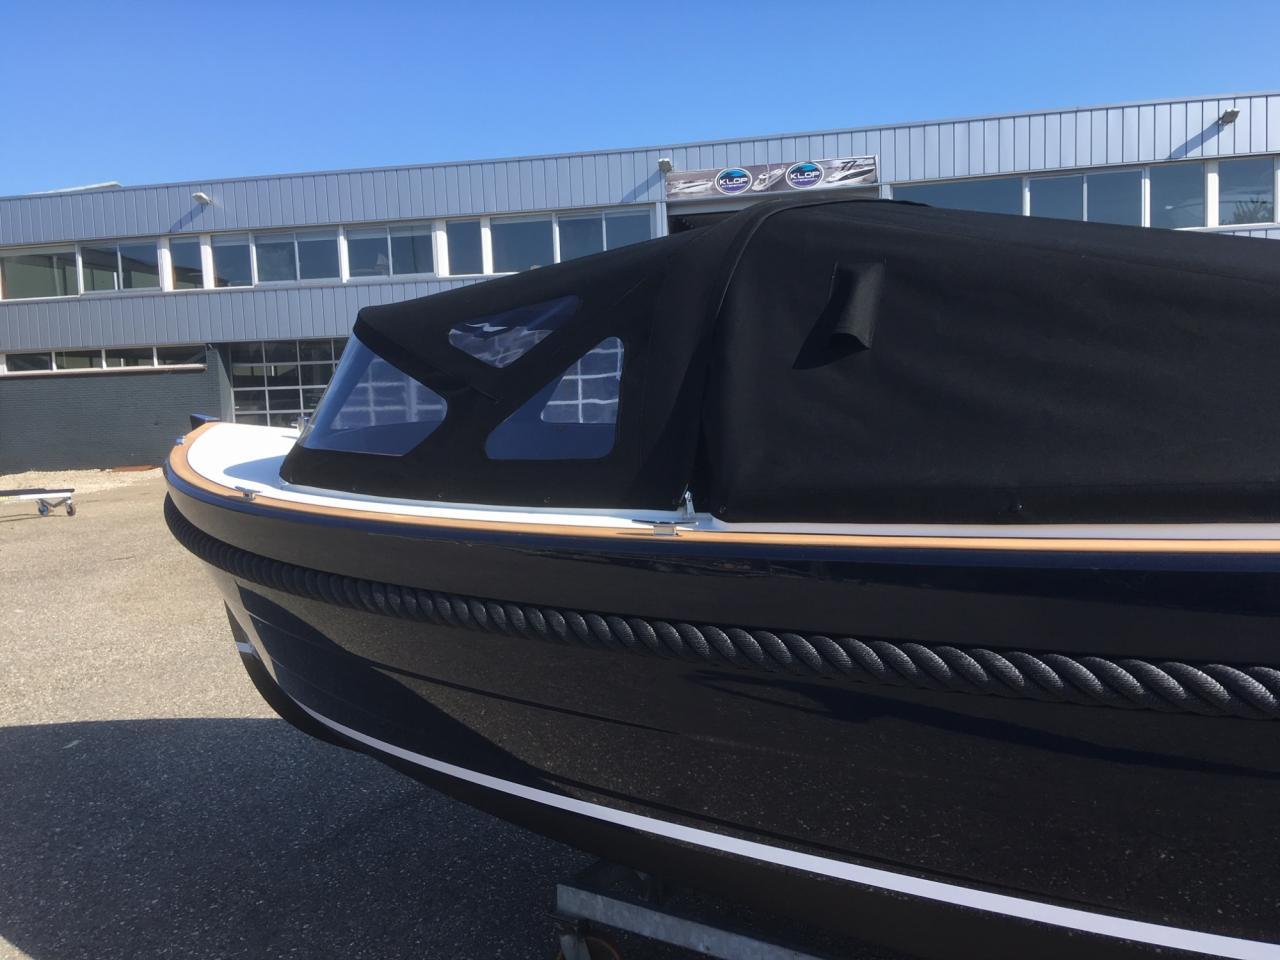 Maril 6NXT donkerblauw met Vetus 52 pk turbo diesel 7